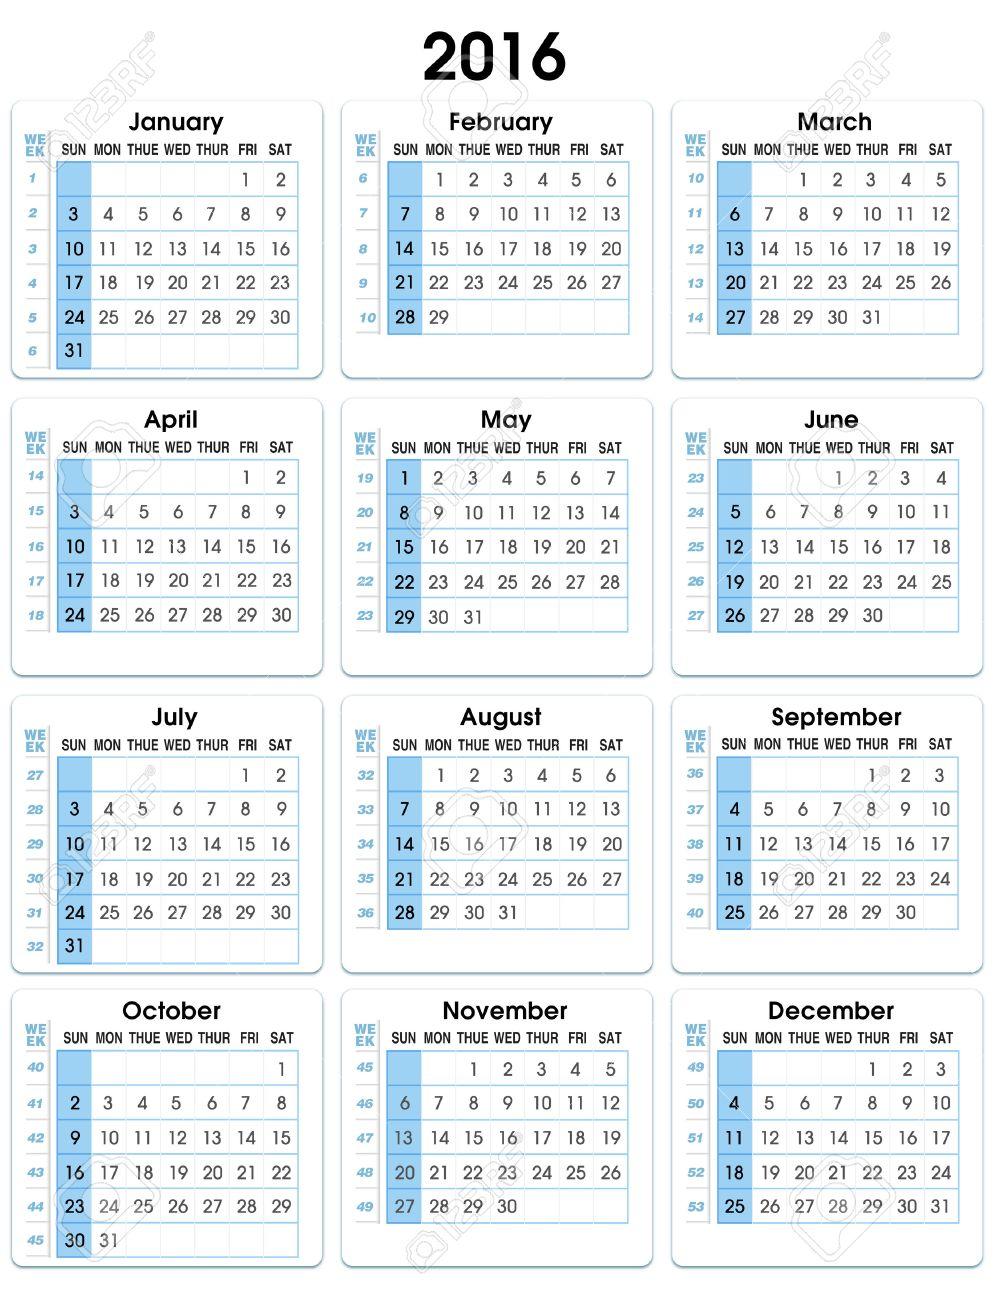 Calendario De Semanas.Calendario Vertical 2016 12 Meses Indicando El Numero De Semanas De Calendario Vertical De 2016 Semanas